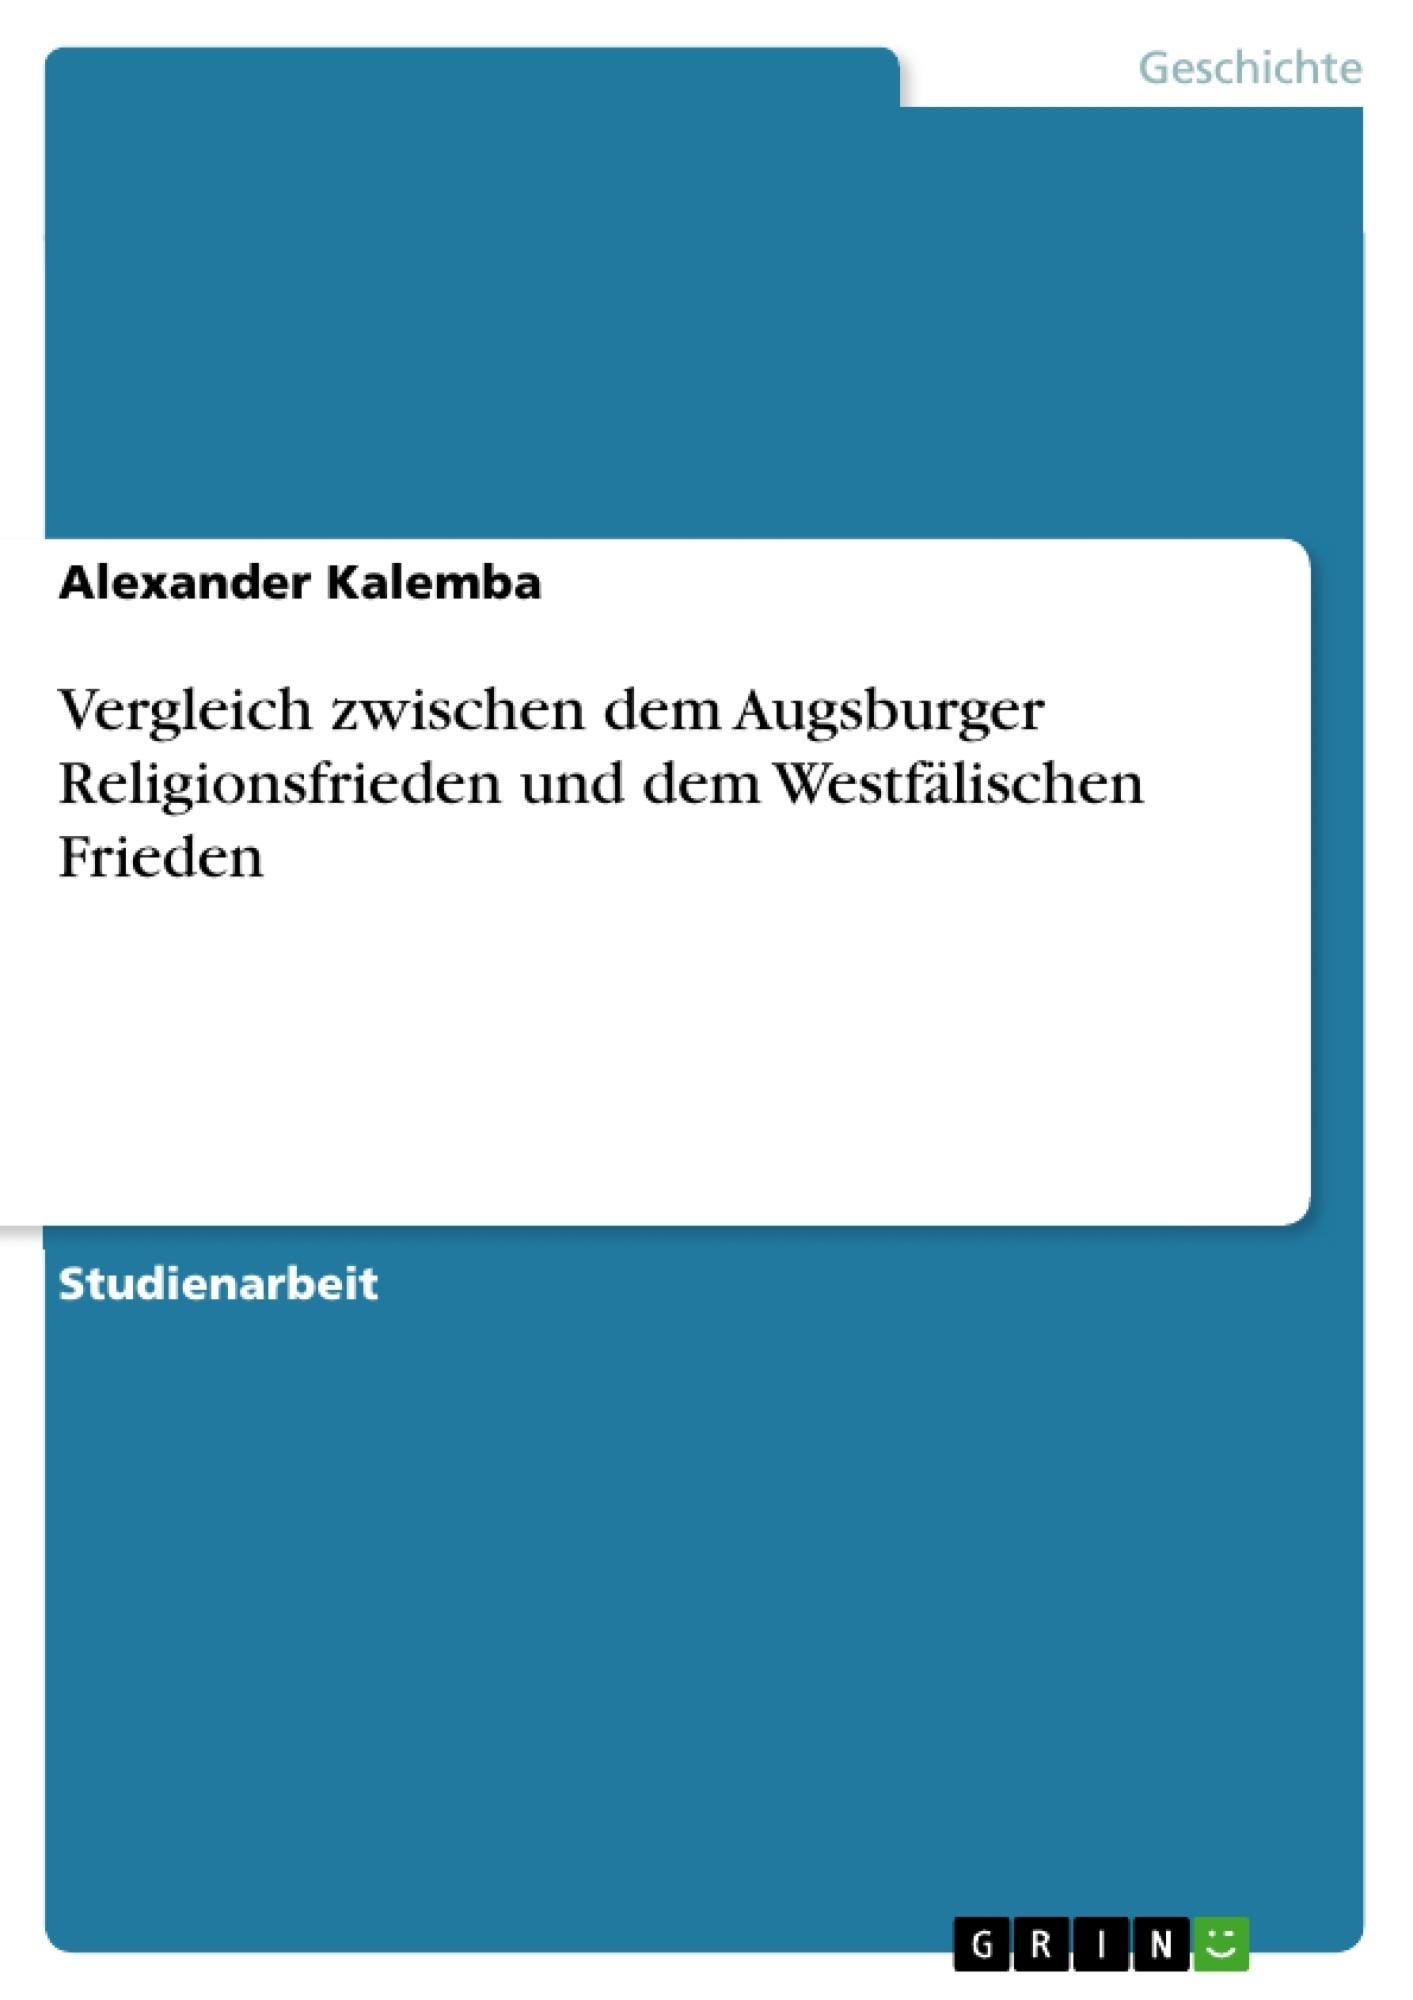 Titel: Vergleich zwischen dem Augsburger Religionsfrieden und dem Westfälischen Frieden